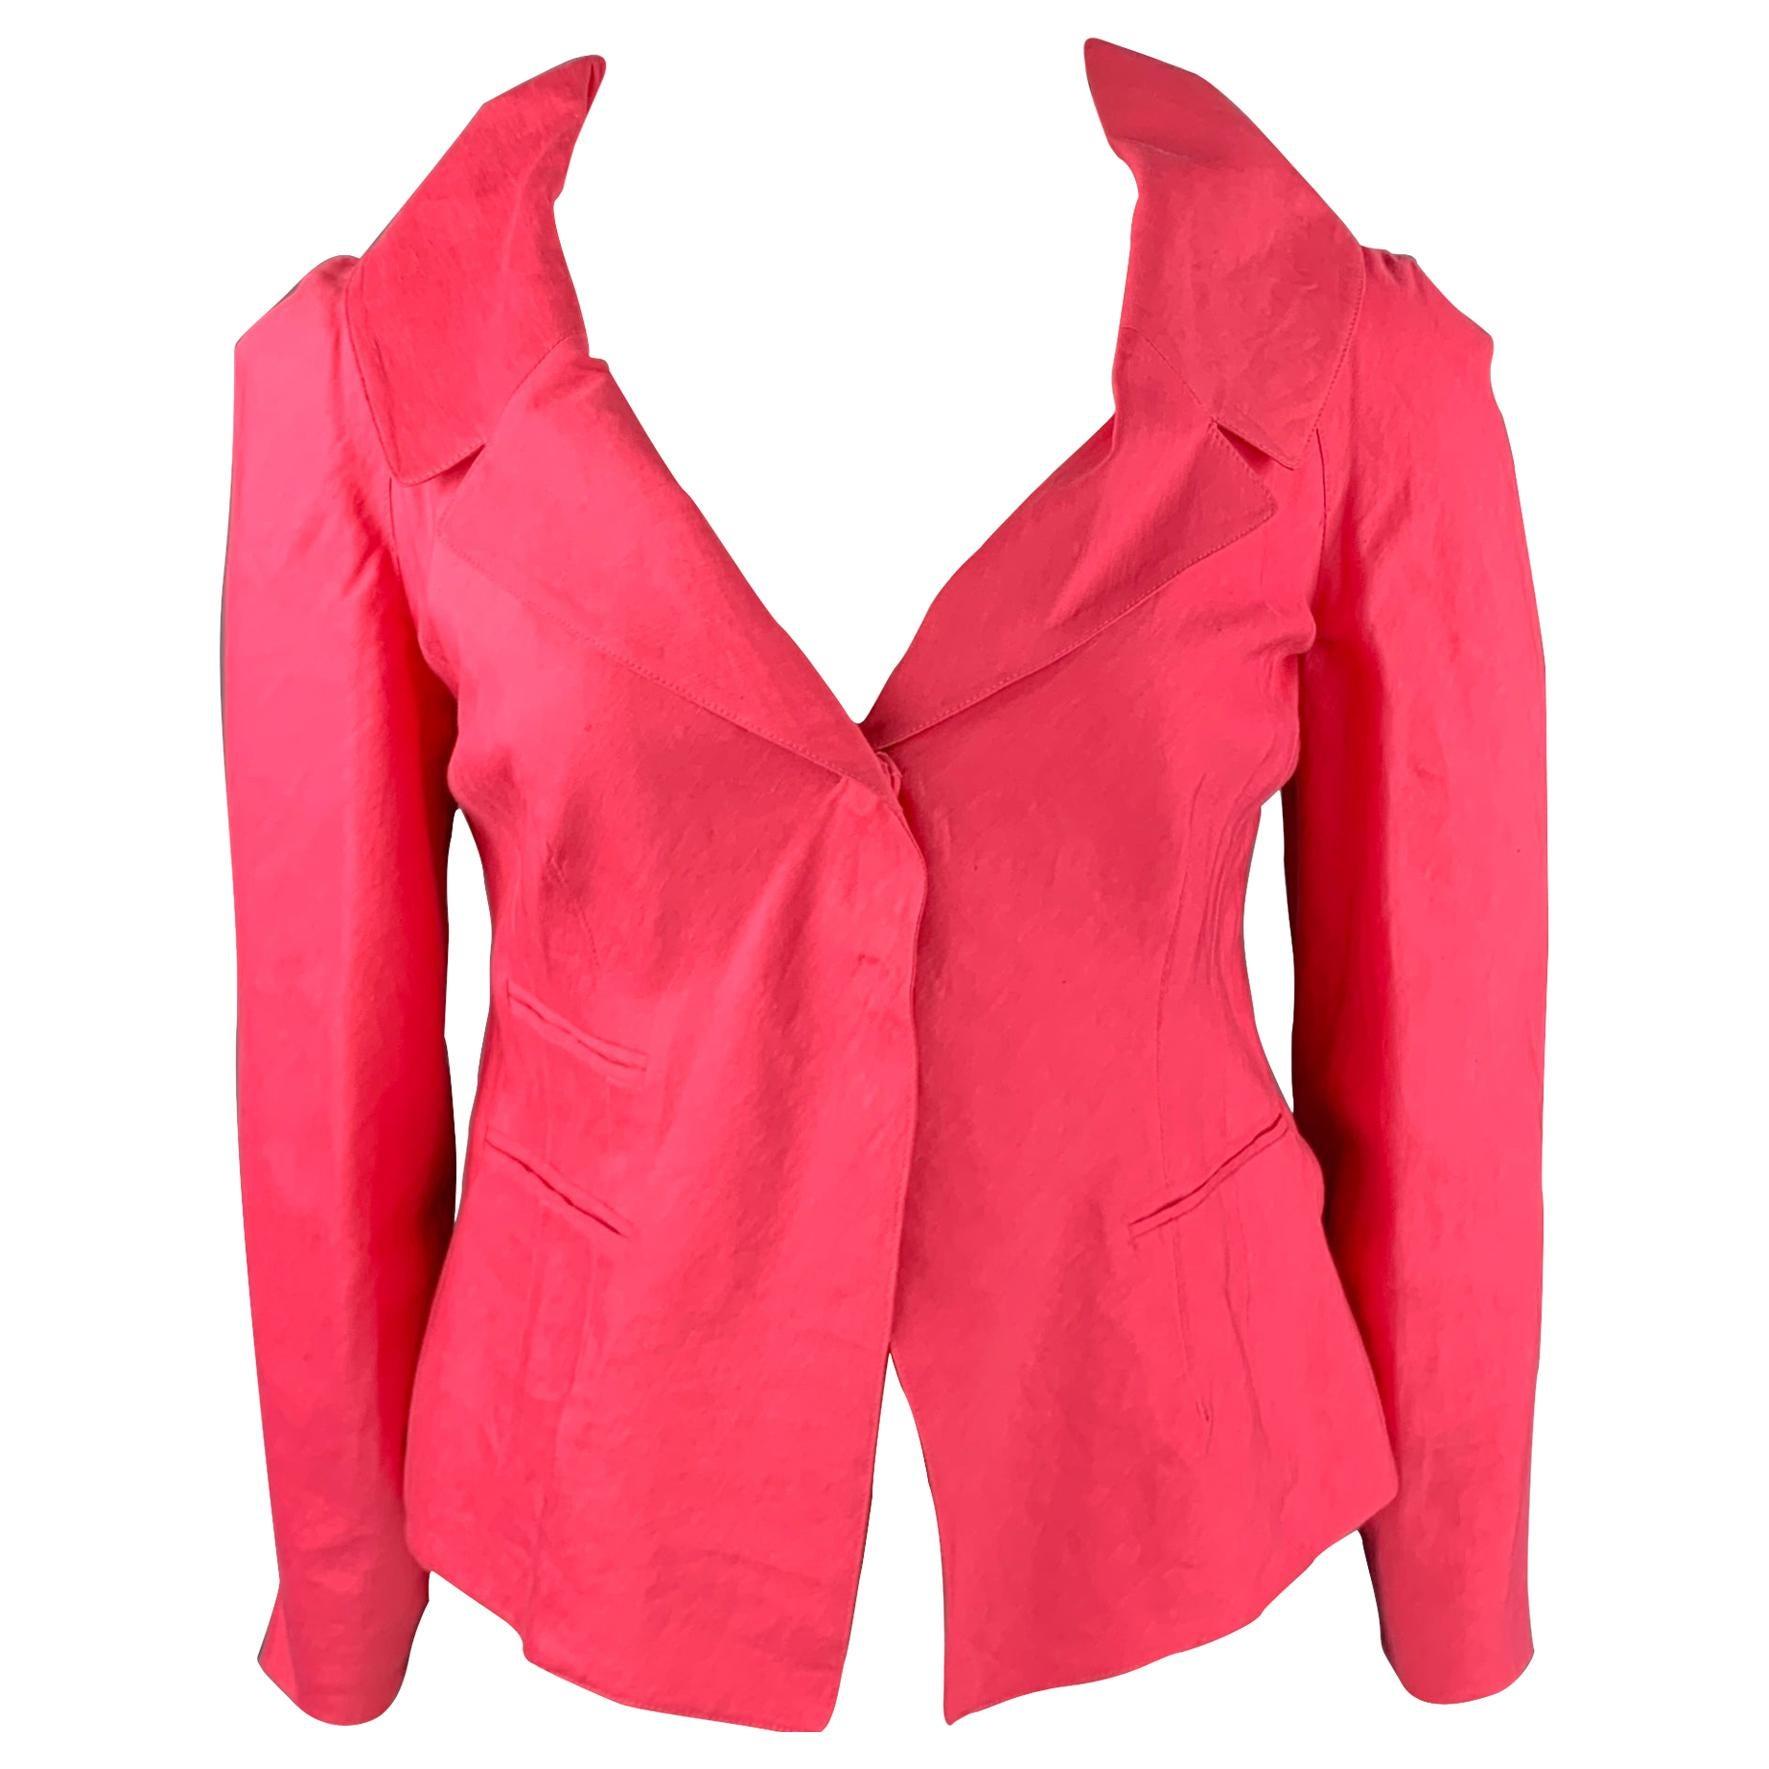 DONNA KARAN Size 10 Pink Linen Blend Notch Lapel Blazer